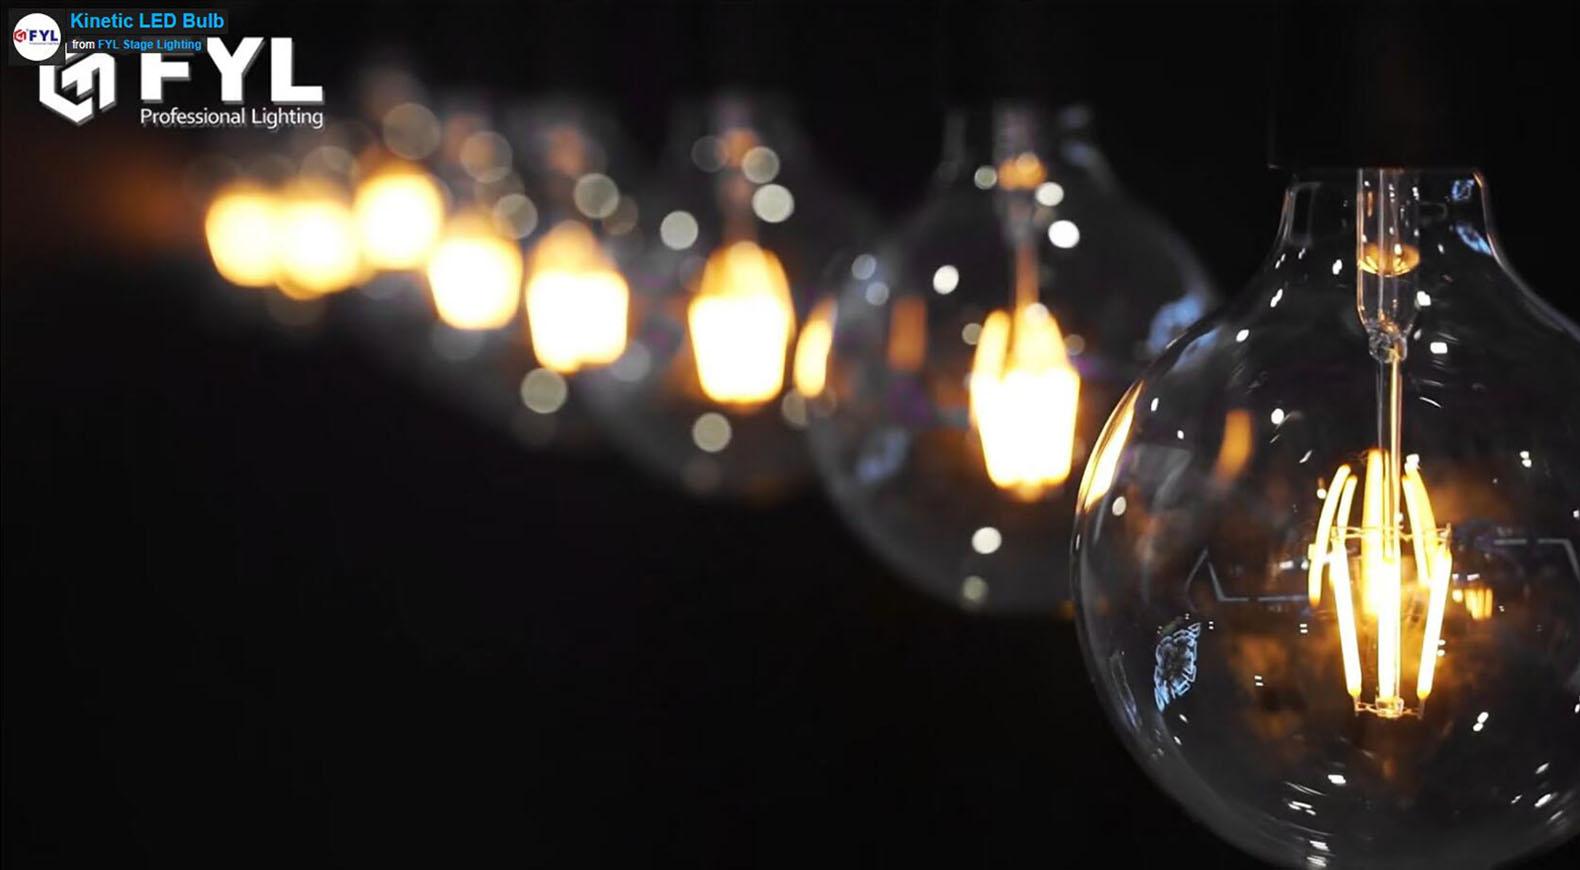 Kinetic LED bulbs